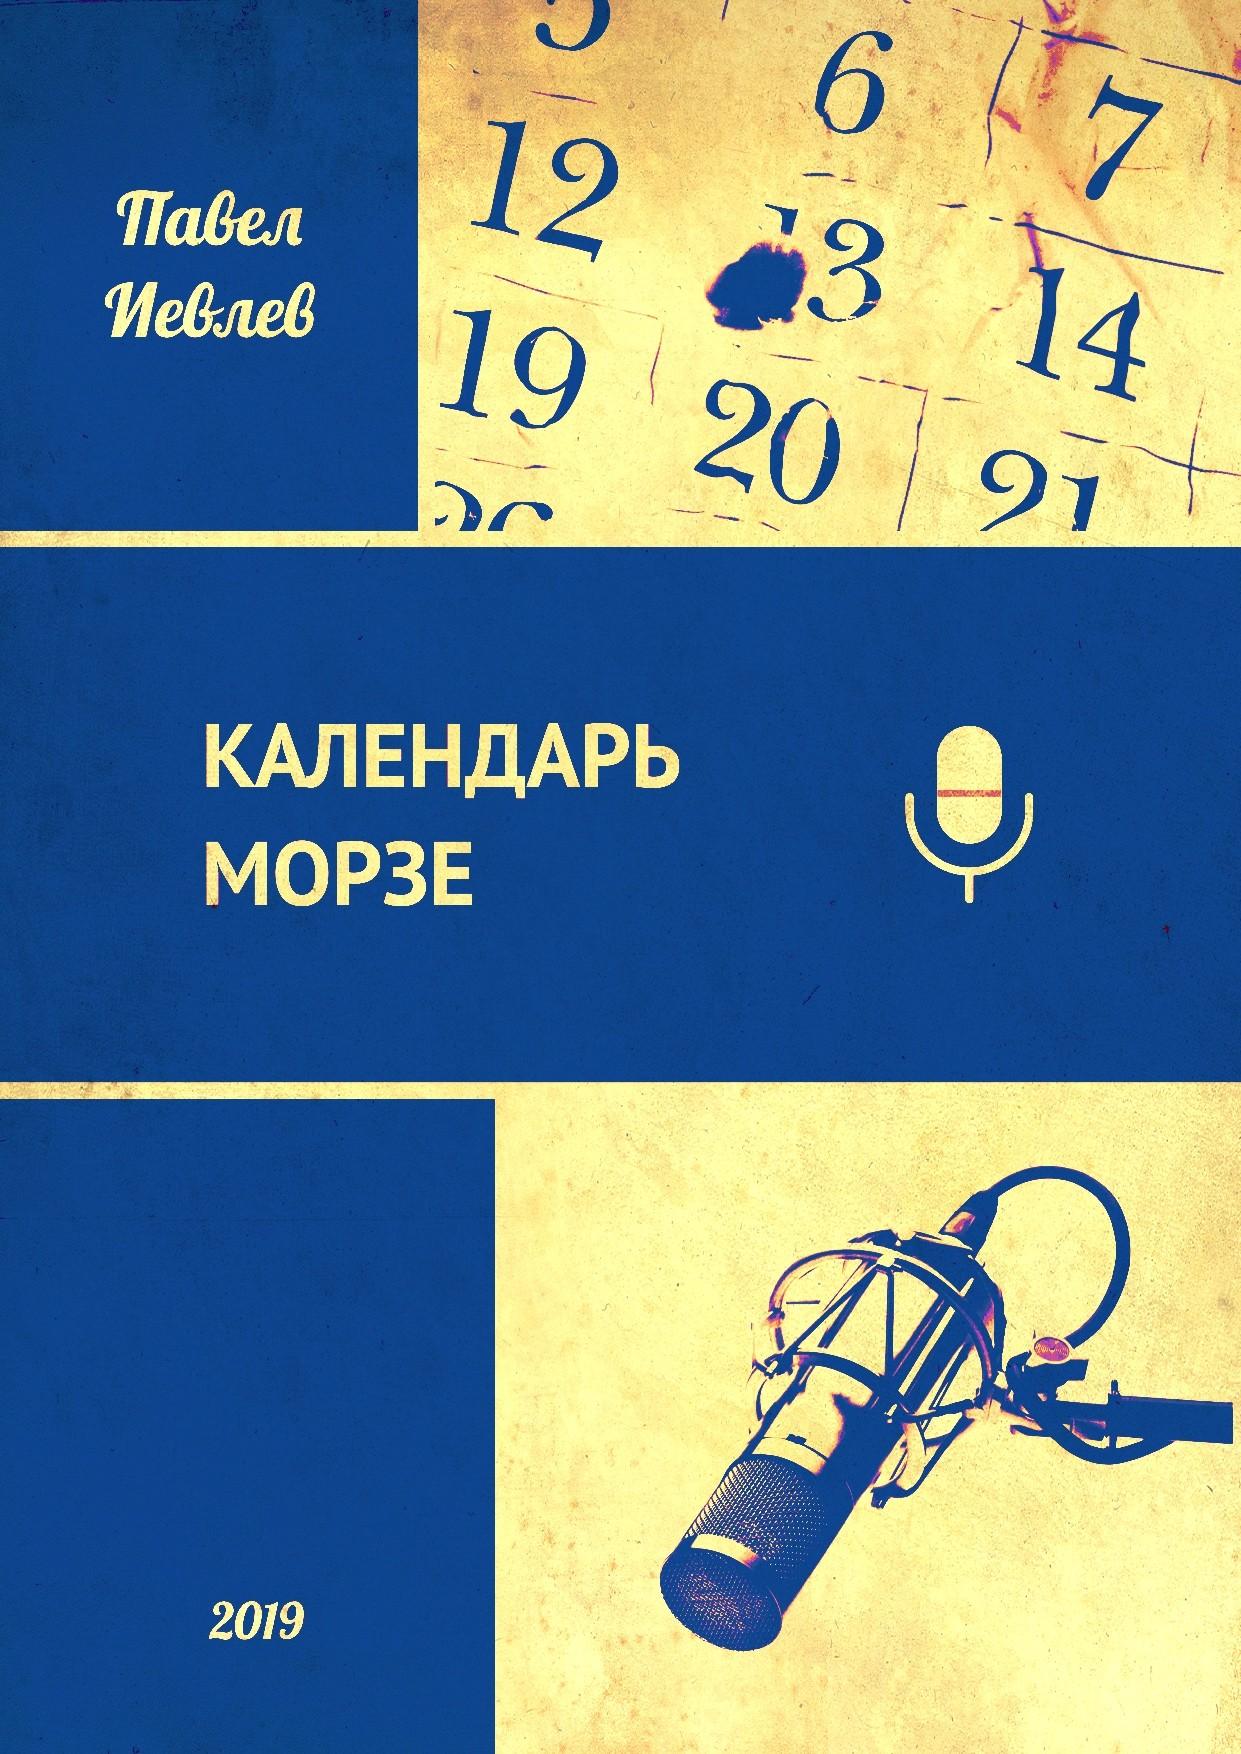 Календарь Морзе (обложка, 2019)